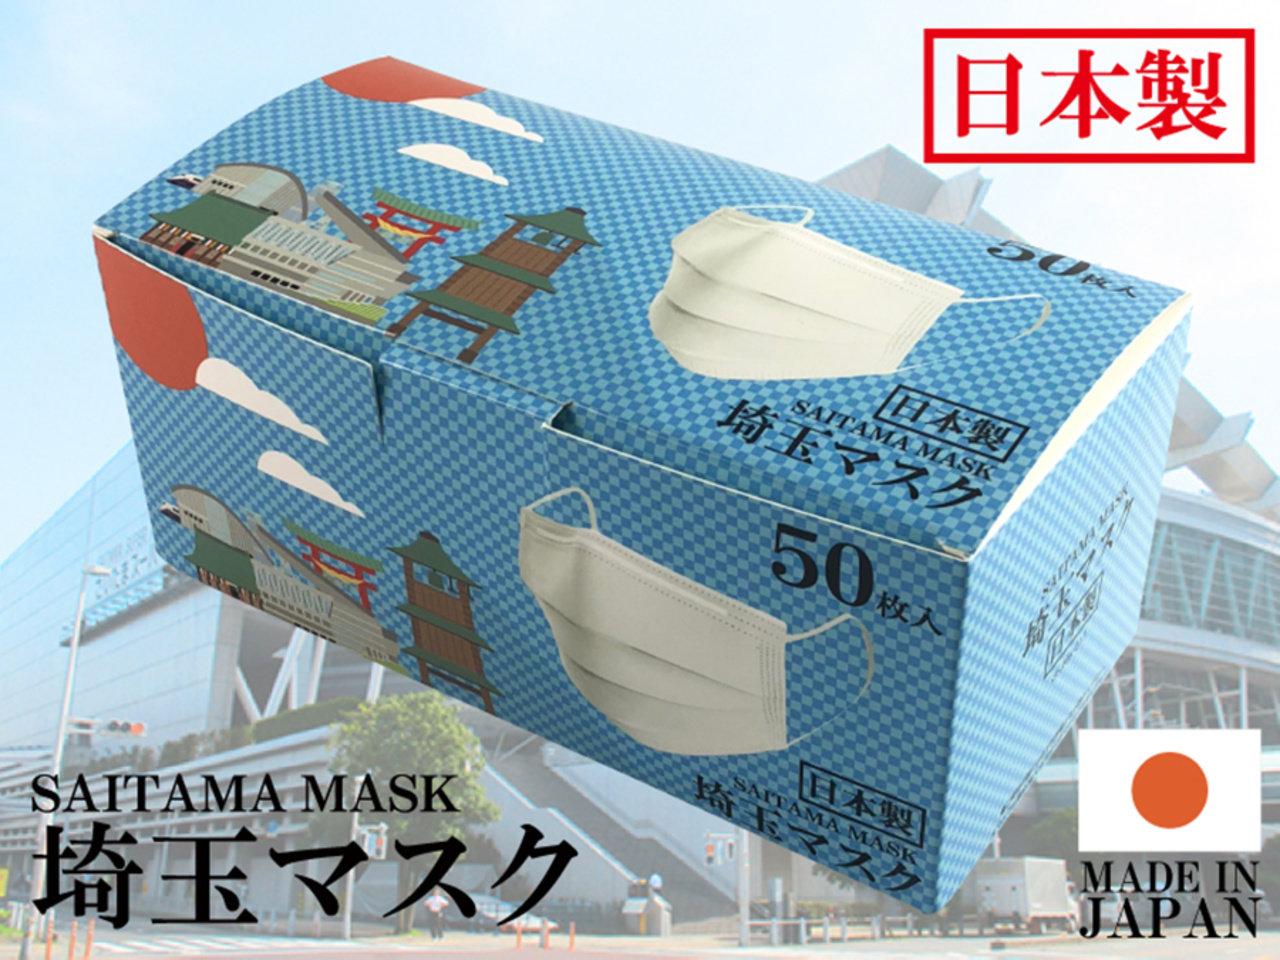 つぎは「埼玉マスク」登場。50枚1980円。100万枚を抽選販売した日本製都道府県マスク。